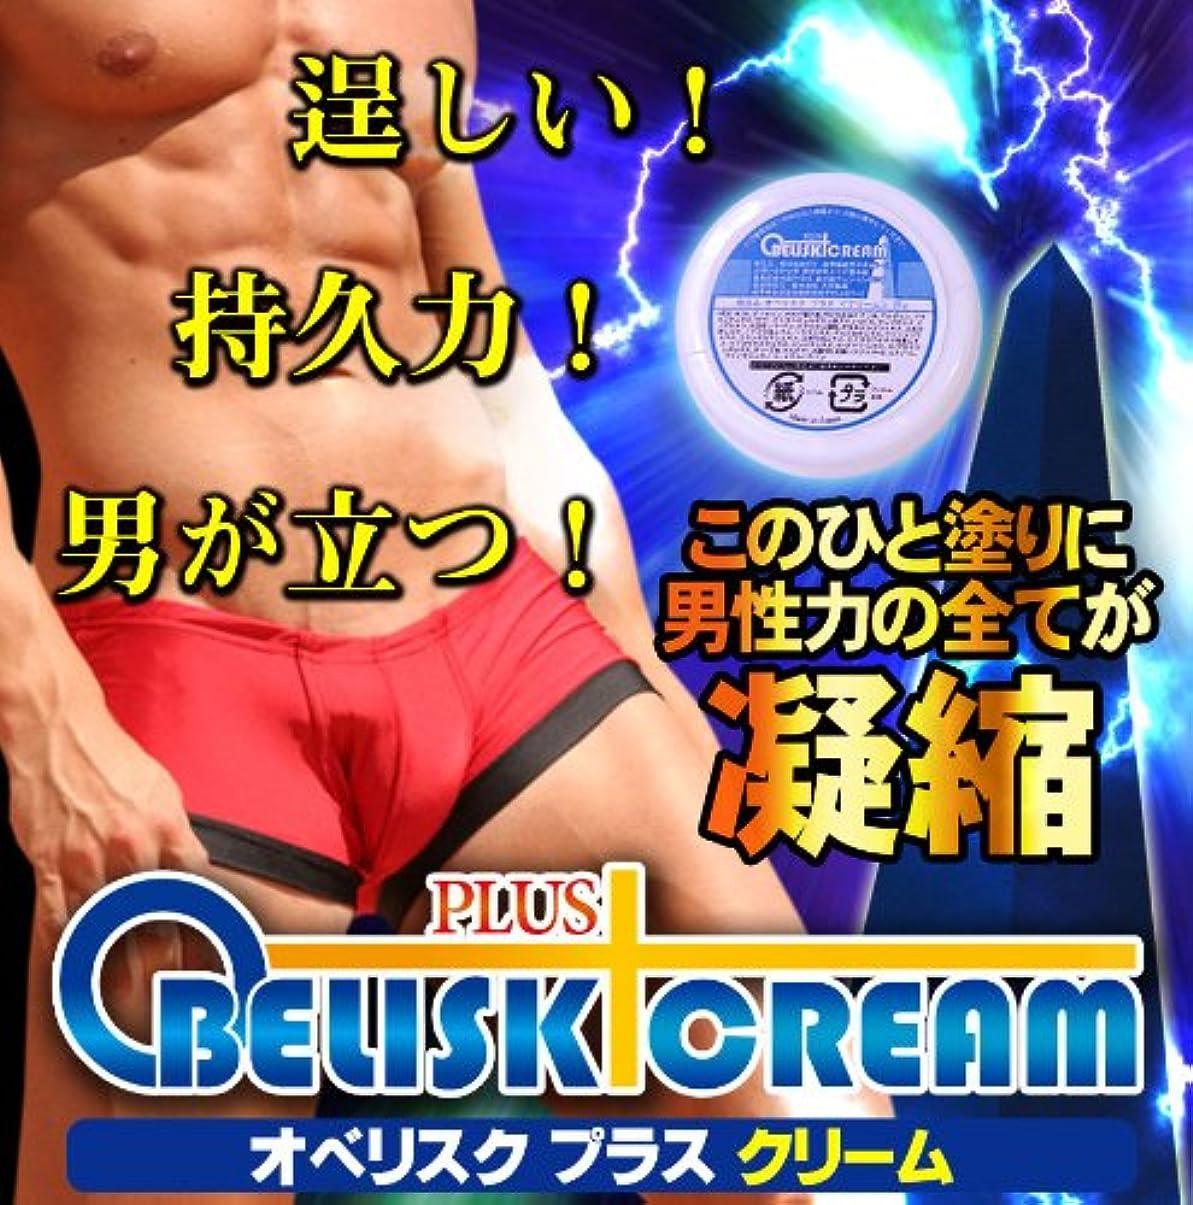 テクニカル有名な地味なオベリスクプラスクリーム(男性用持続力コントロールクリーム)